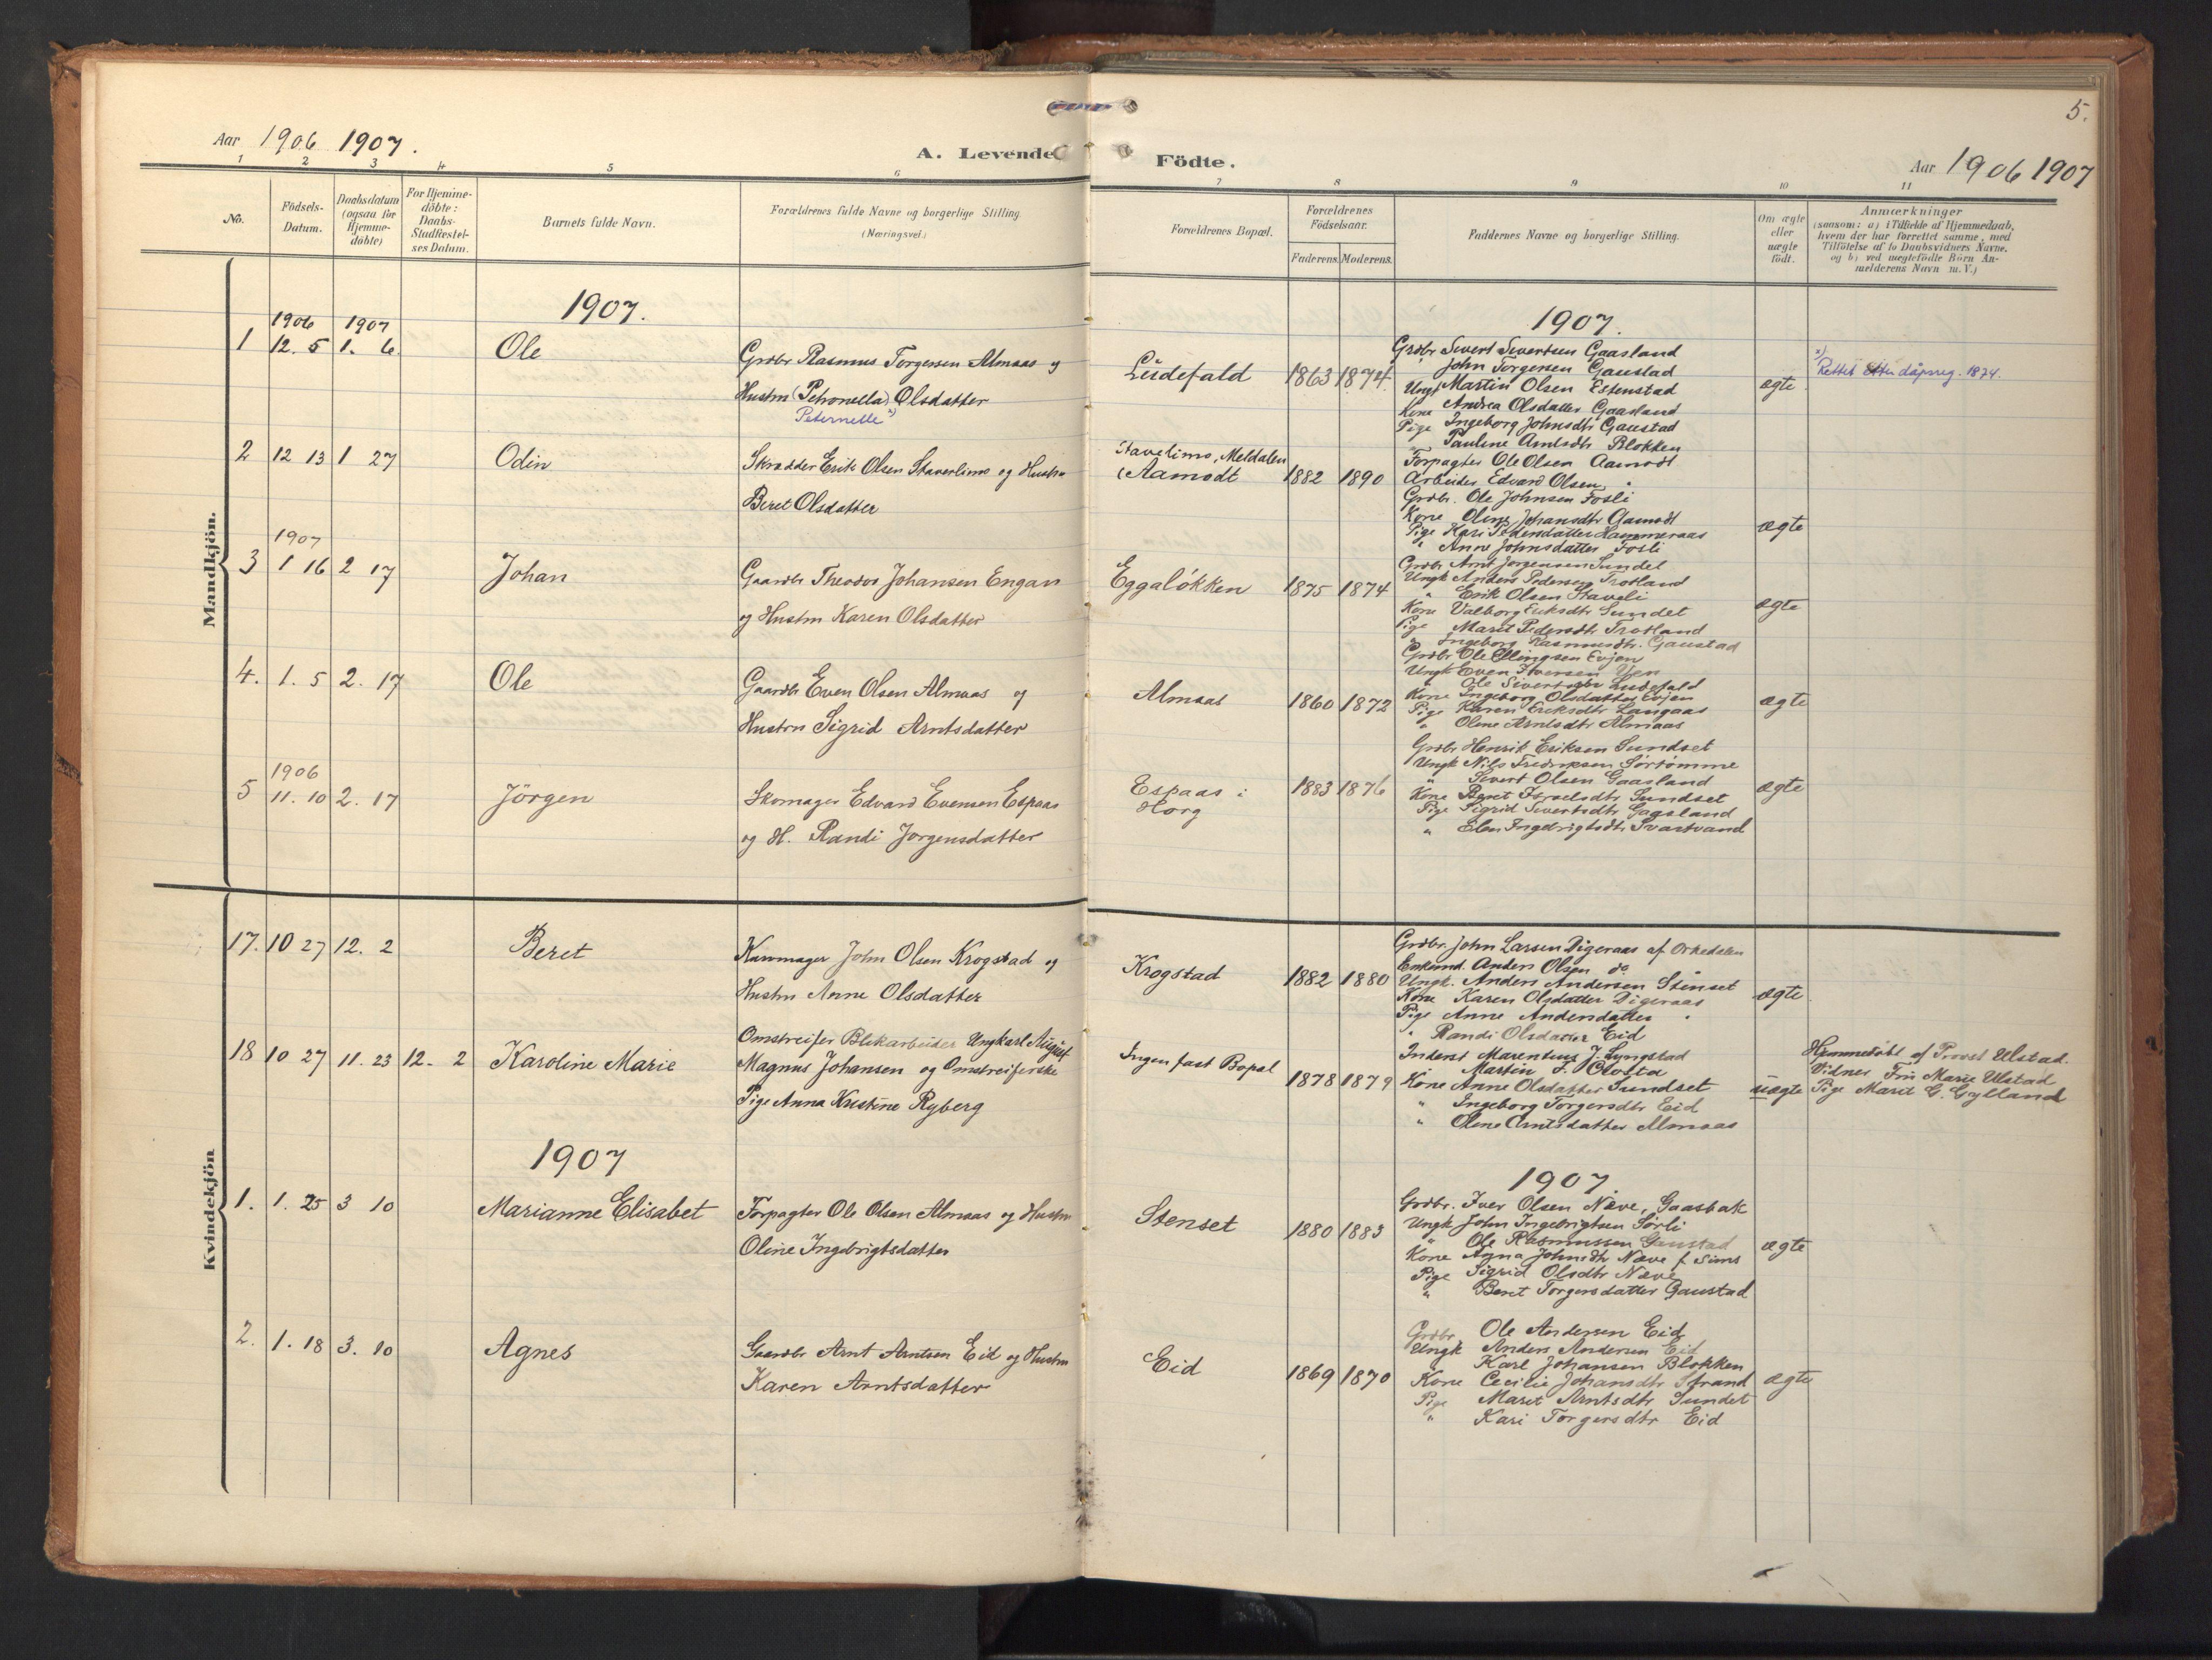 SAT, Ministerialprotokoller, klokkerbøker og fødselsregistre - Sør-Trøndelag, 694/L1128: Ministerialbok nr. 694A02, 1906-1931, s. 5